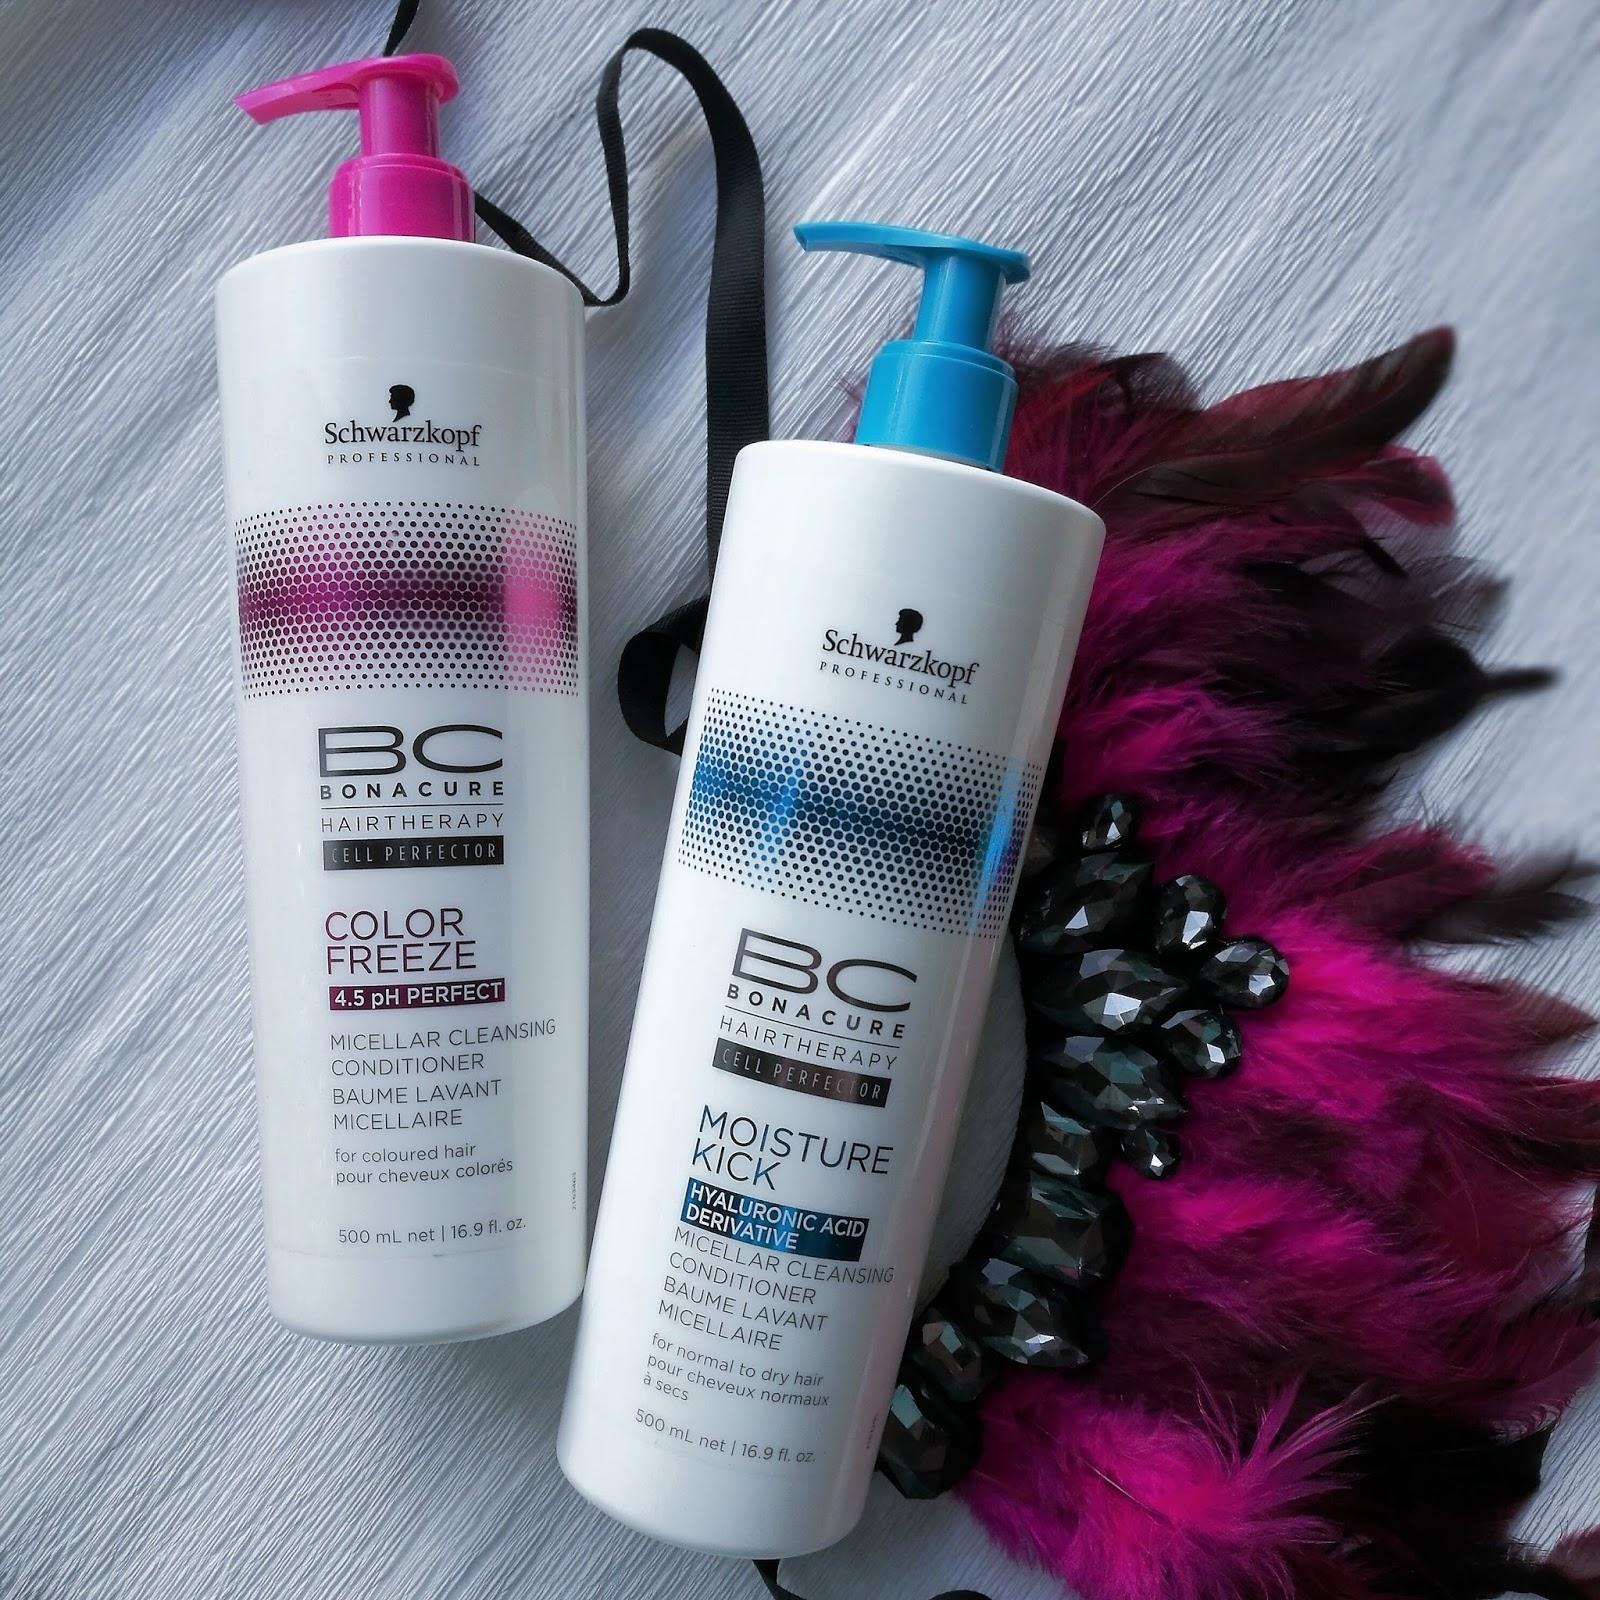 1321add9ce Kas ir micelāri attīrošais kondicionieris?Šampūni attīra matus ar vielām,  piemēram, sulfātiem, kas mazgāšanas procesā matus attīra no taukiem un  netīrumiem, ...